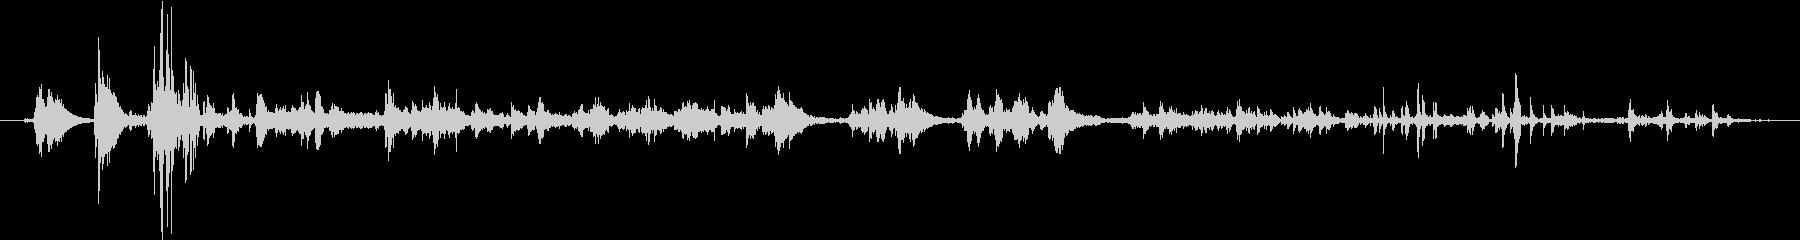 シンク:プルストッパーとドレン、ヘ...の未再生の波形